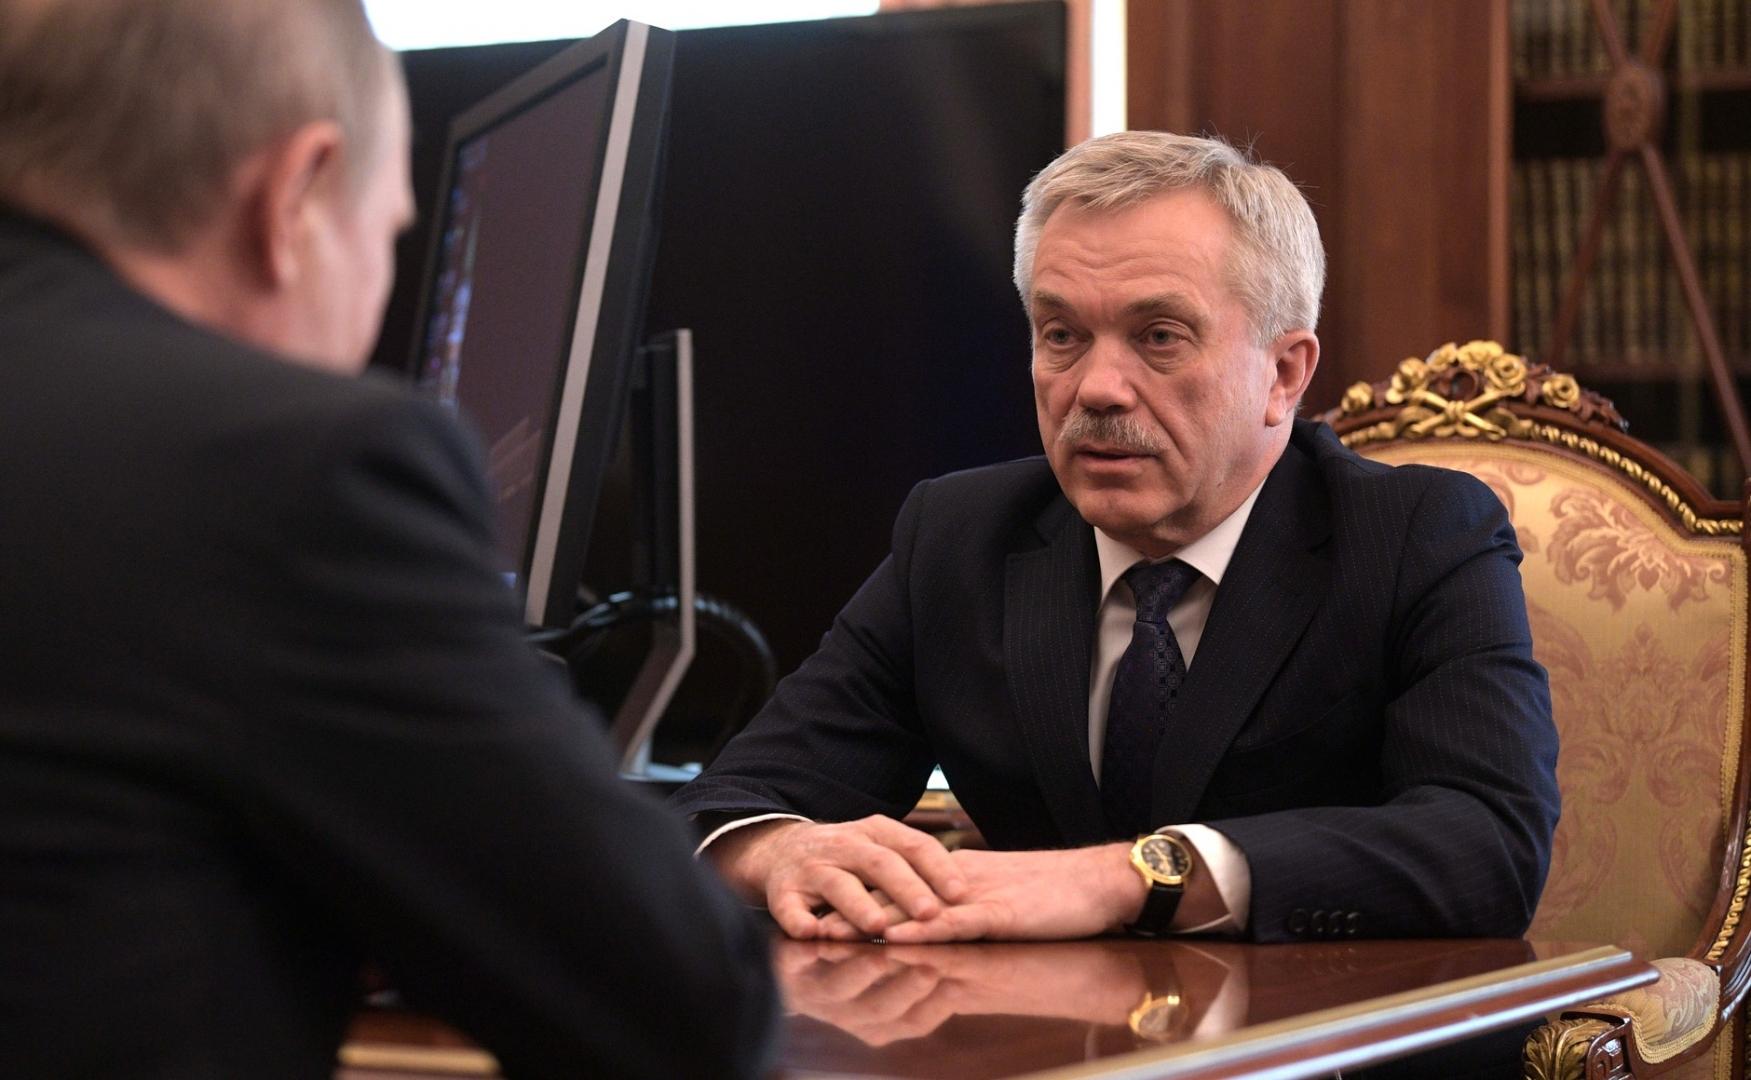 Белгородский губернатор-долгожитель Савченко избран сенатором